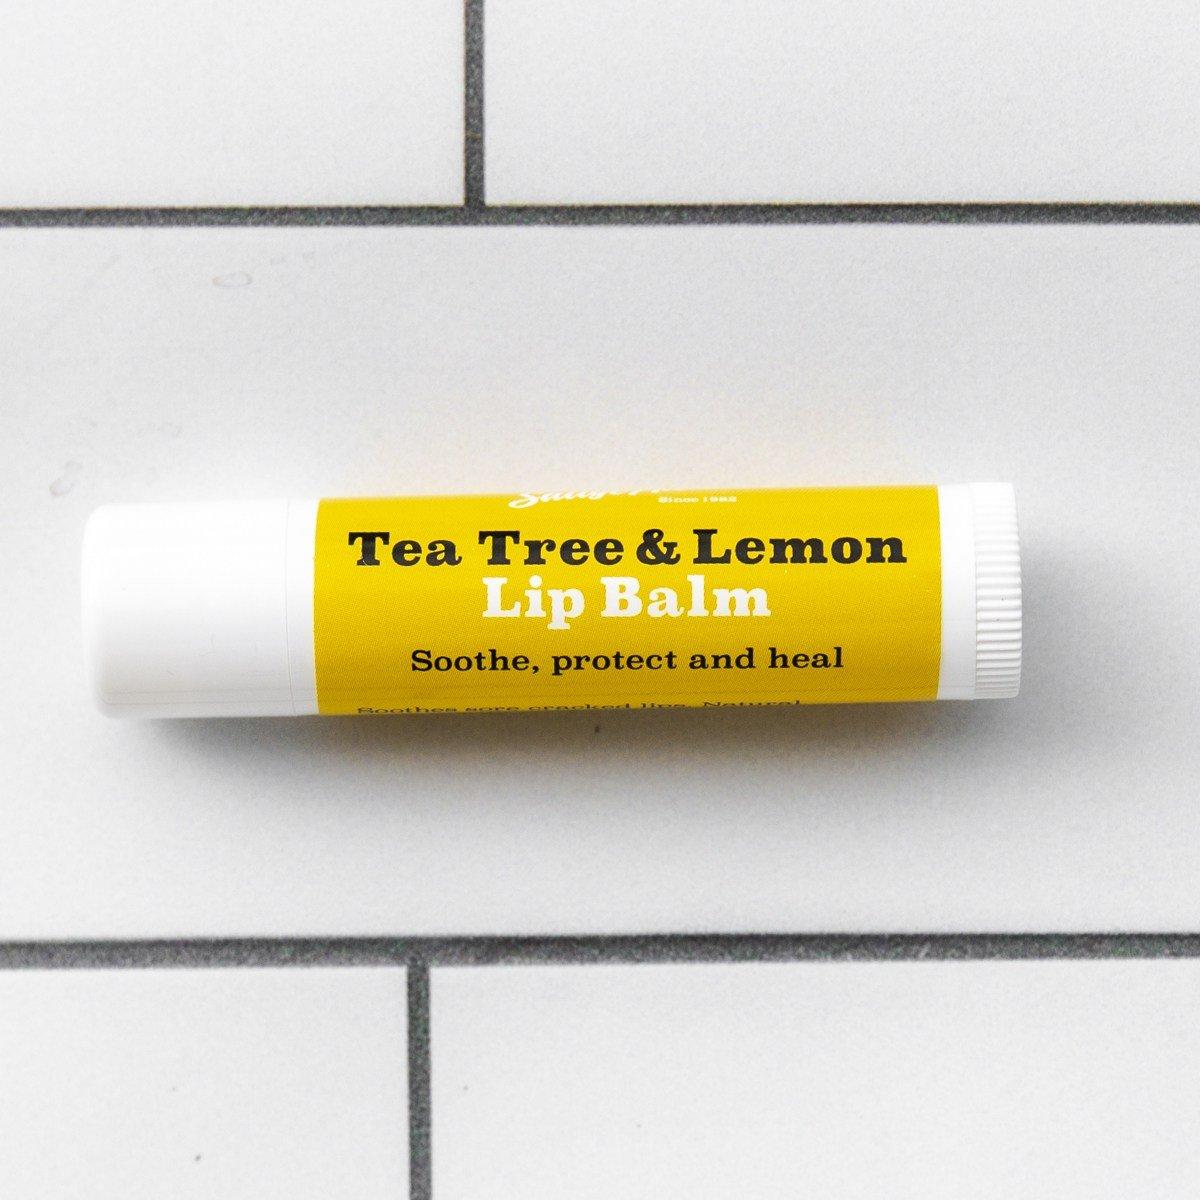 Tea Tree and Lemon Lip Balm